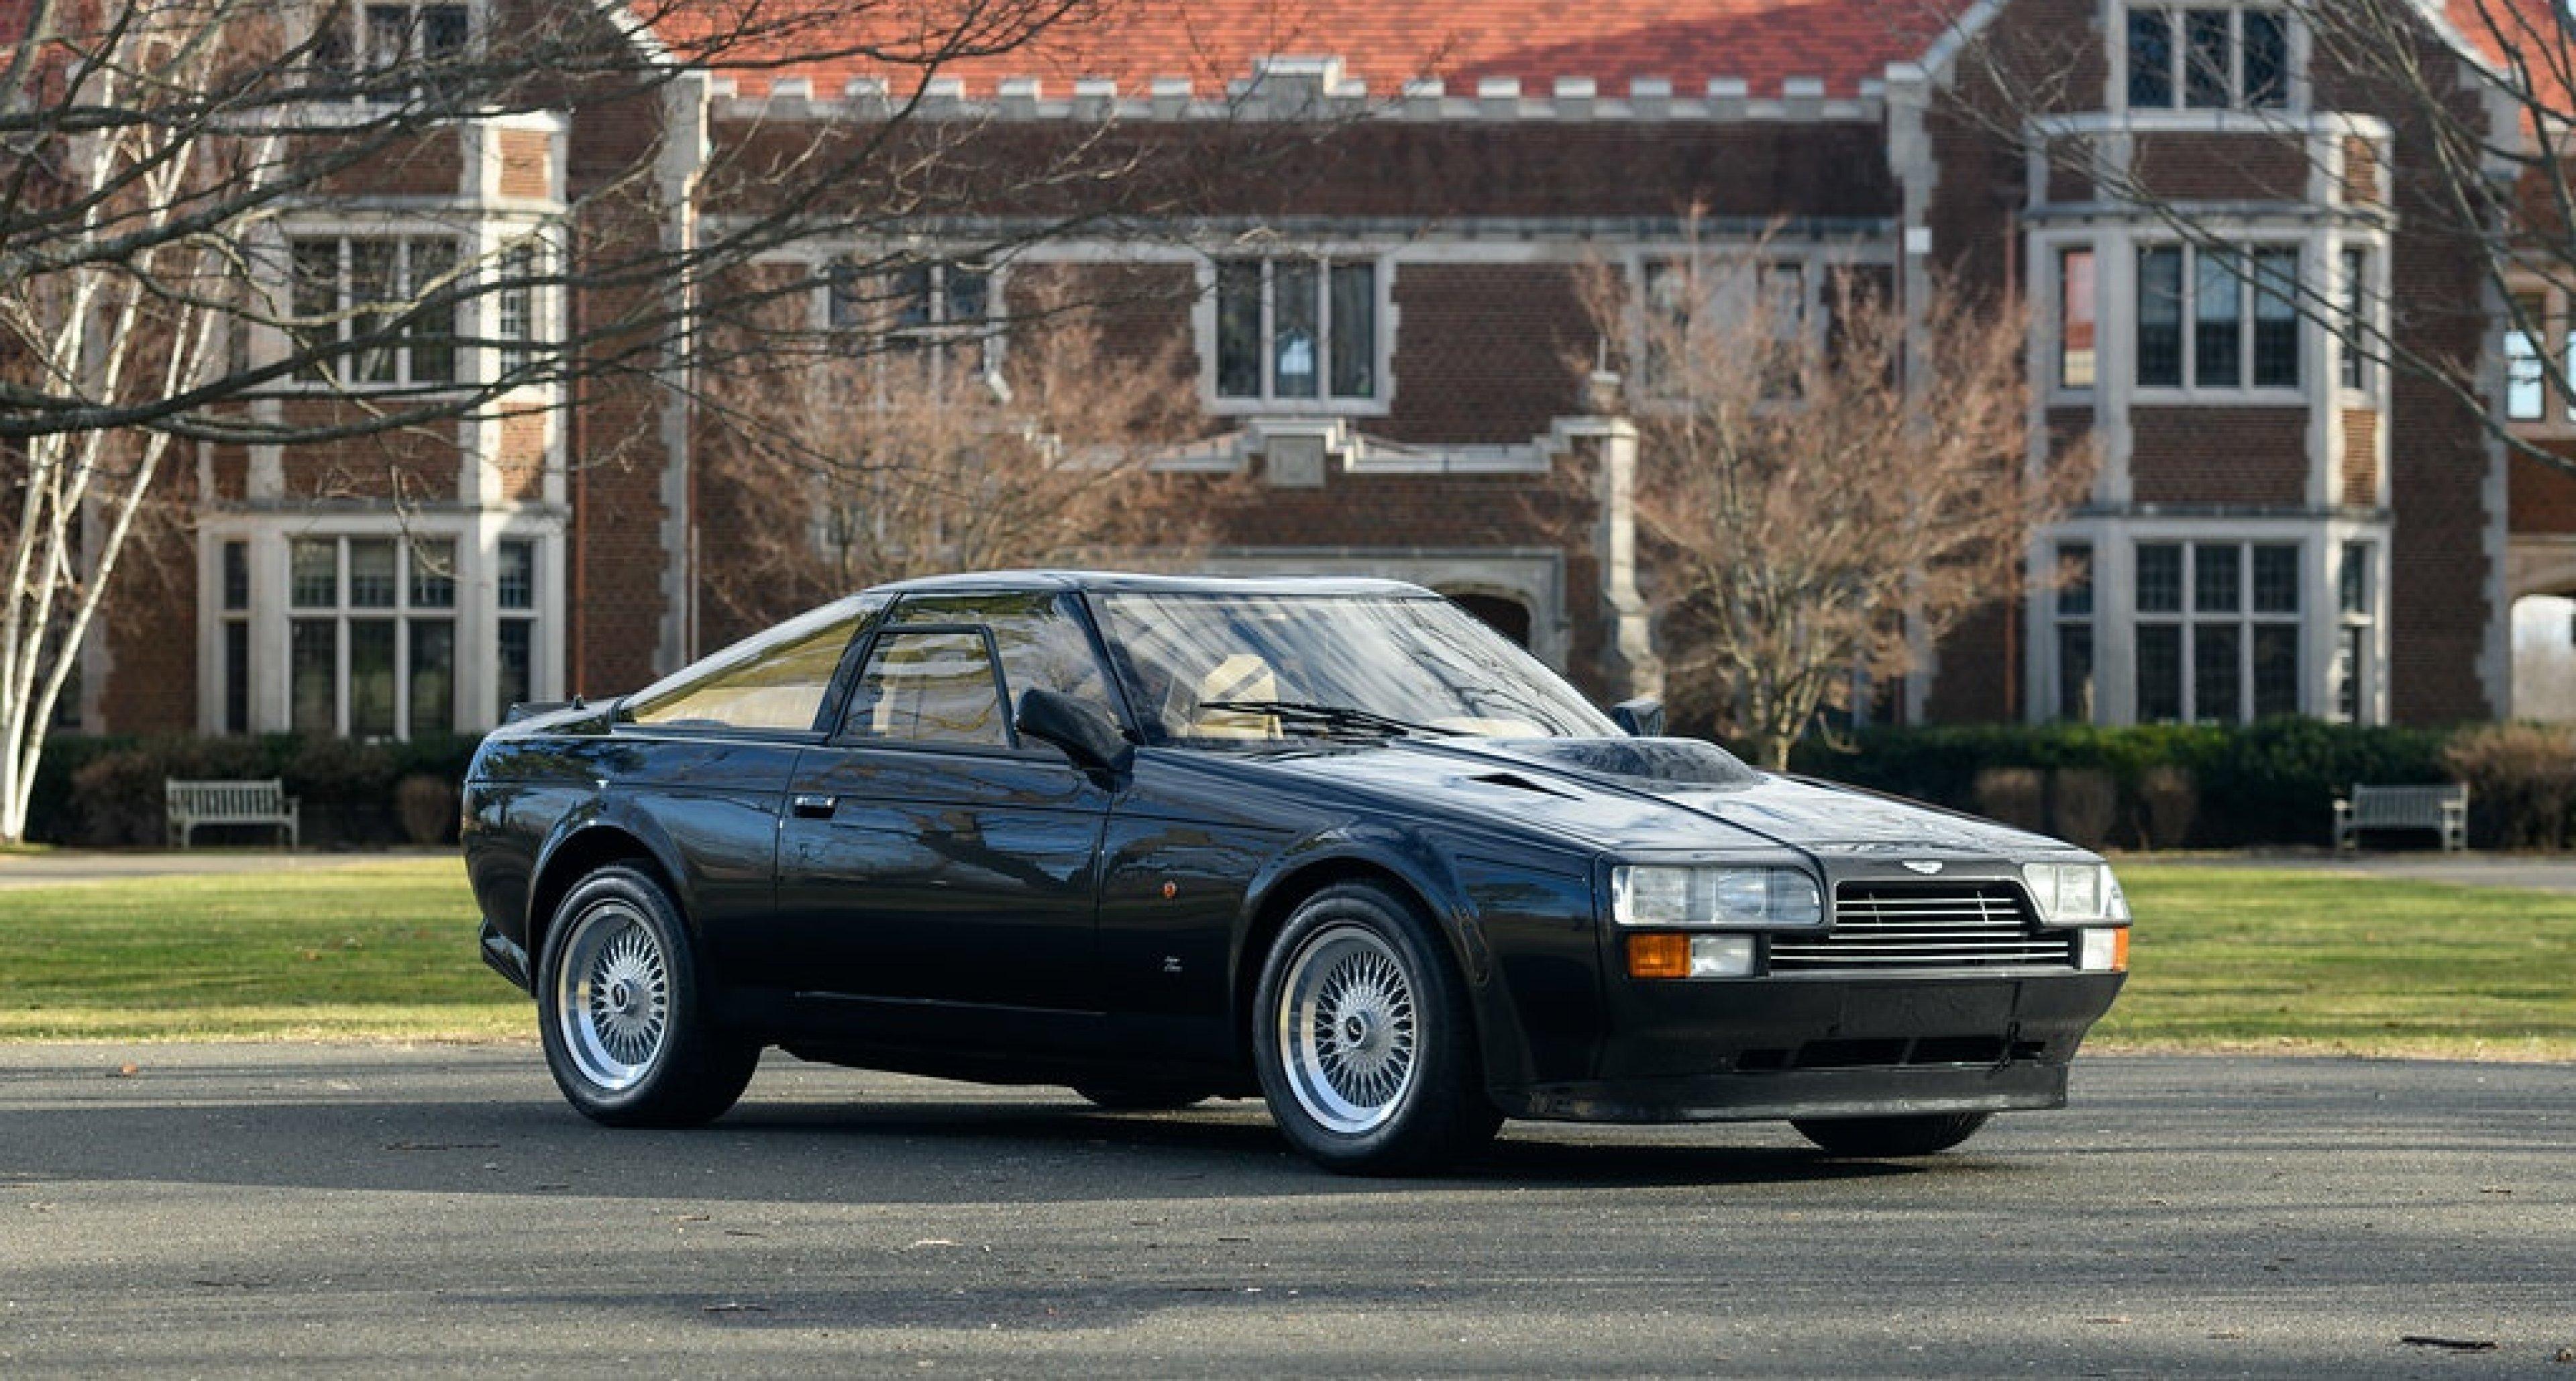 Aston Martin For Sale Classic Driver - Aston martins for sale